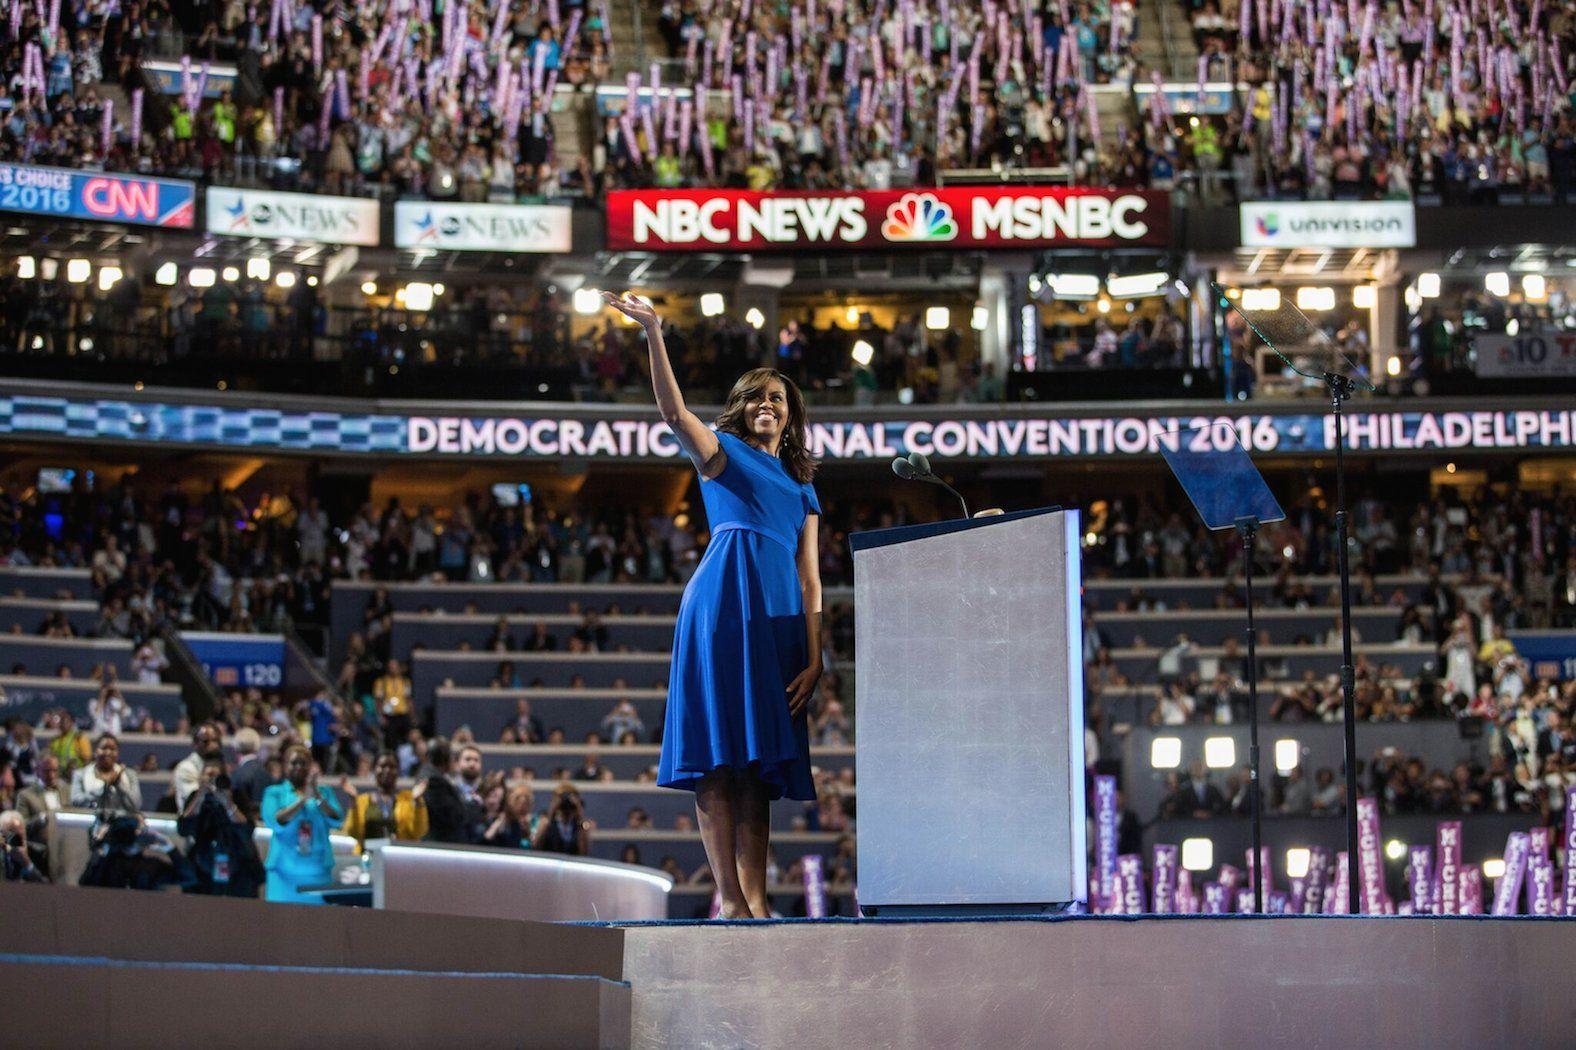 USA 2016, il discorso di Michelle Obama conquista la convention dei democratici